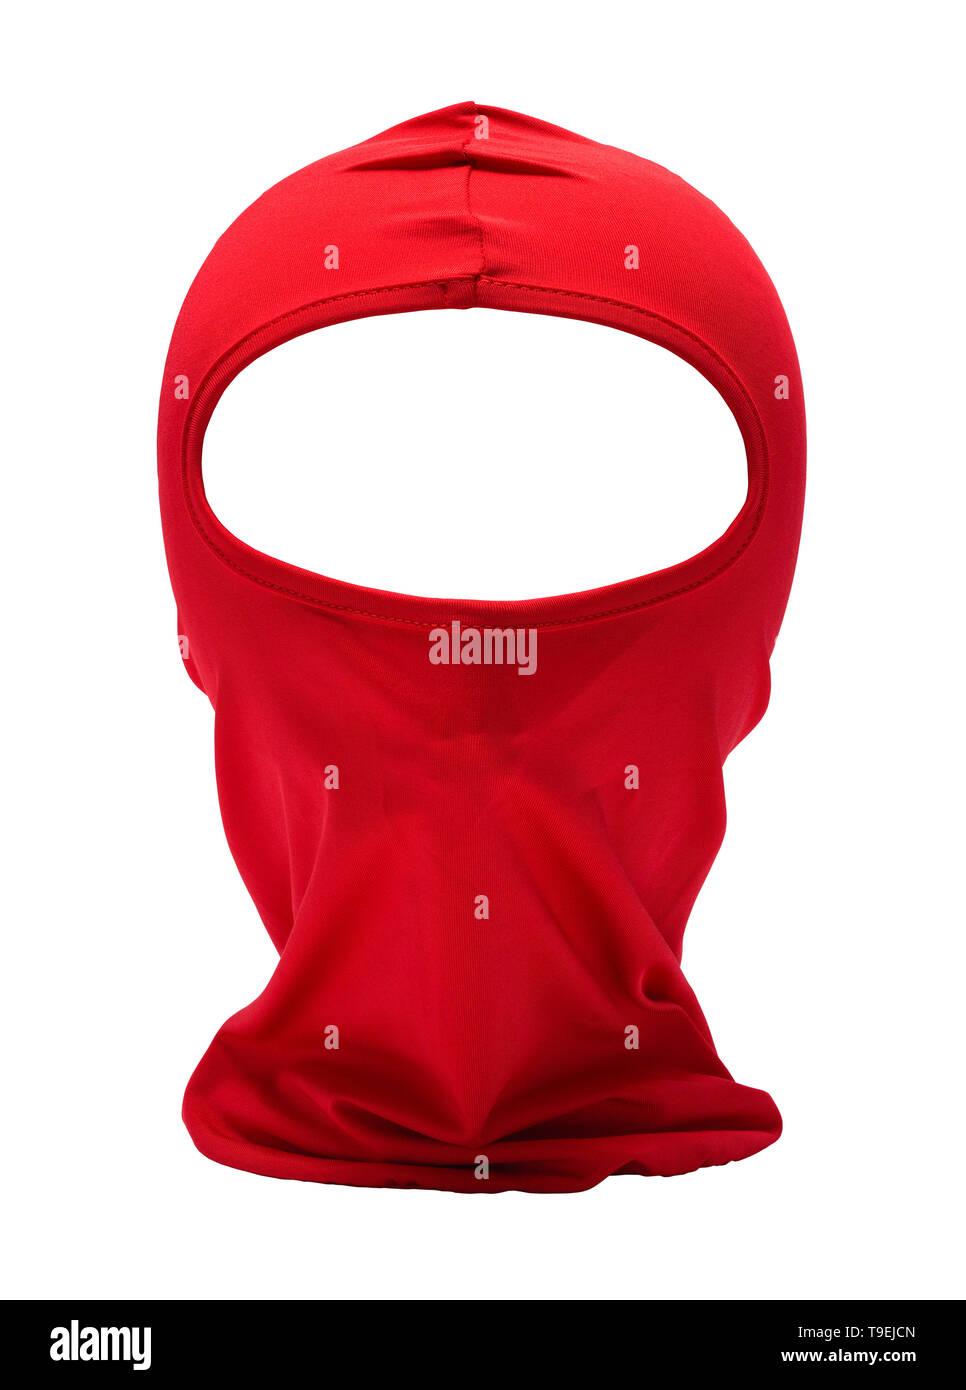 Red Ninja Mask Isolated on White Background. Stock Photo